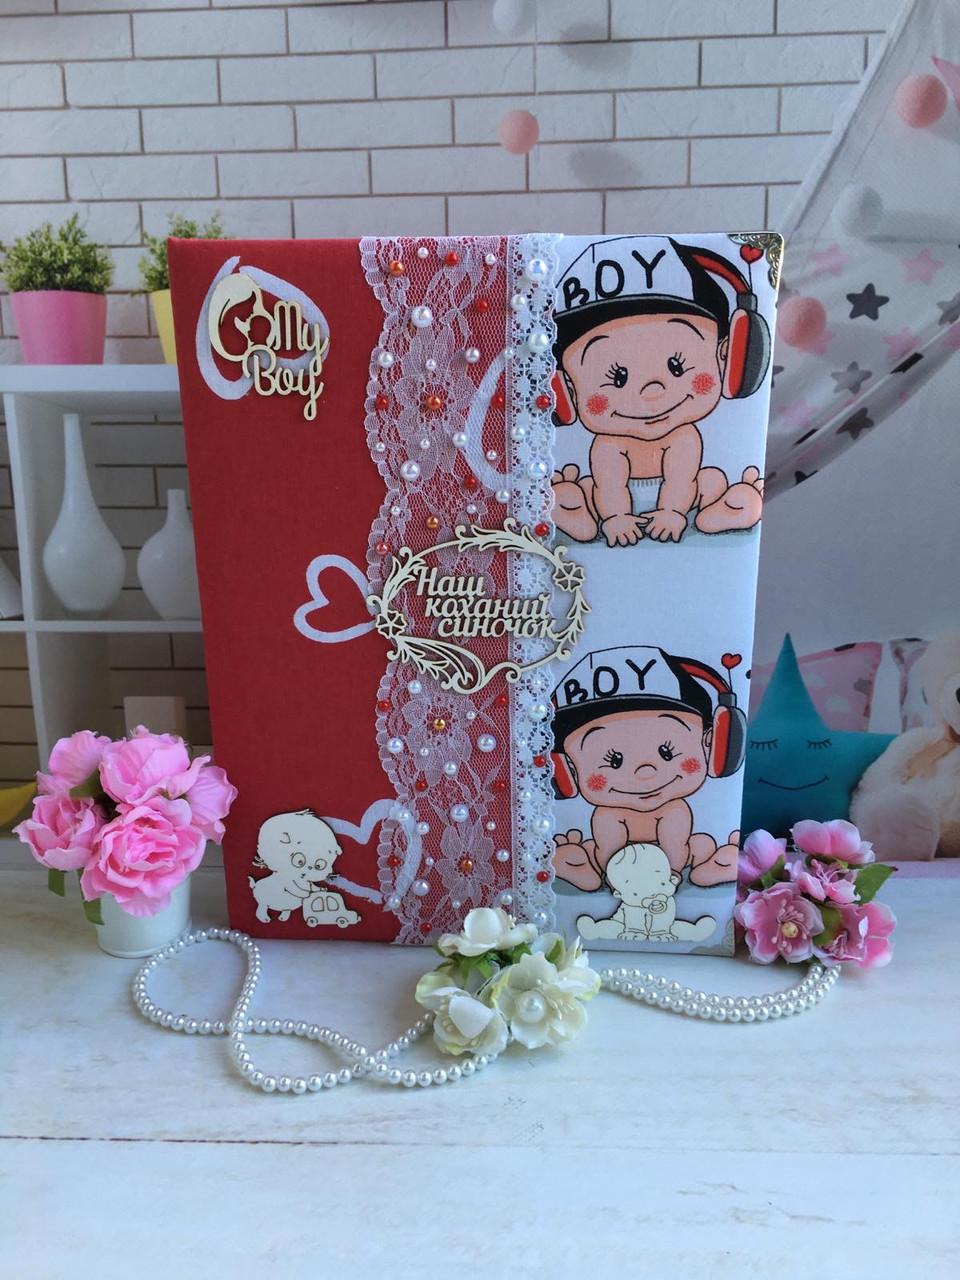 Детский альбом анкета под заказ для мальчика ручной работы, фотоальбом для записей и фото новорожденного